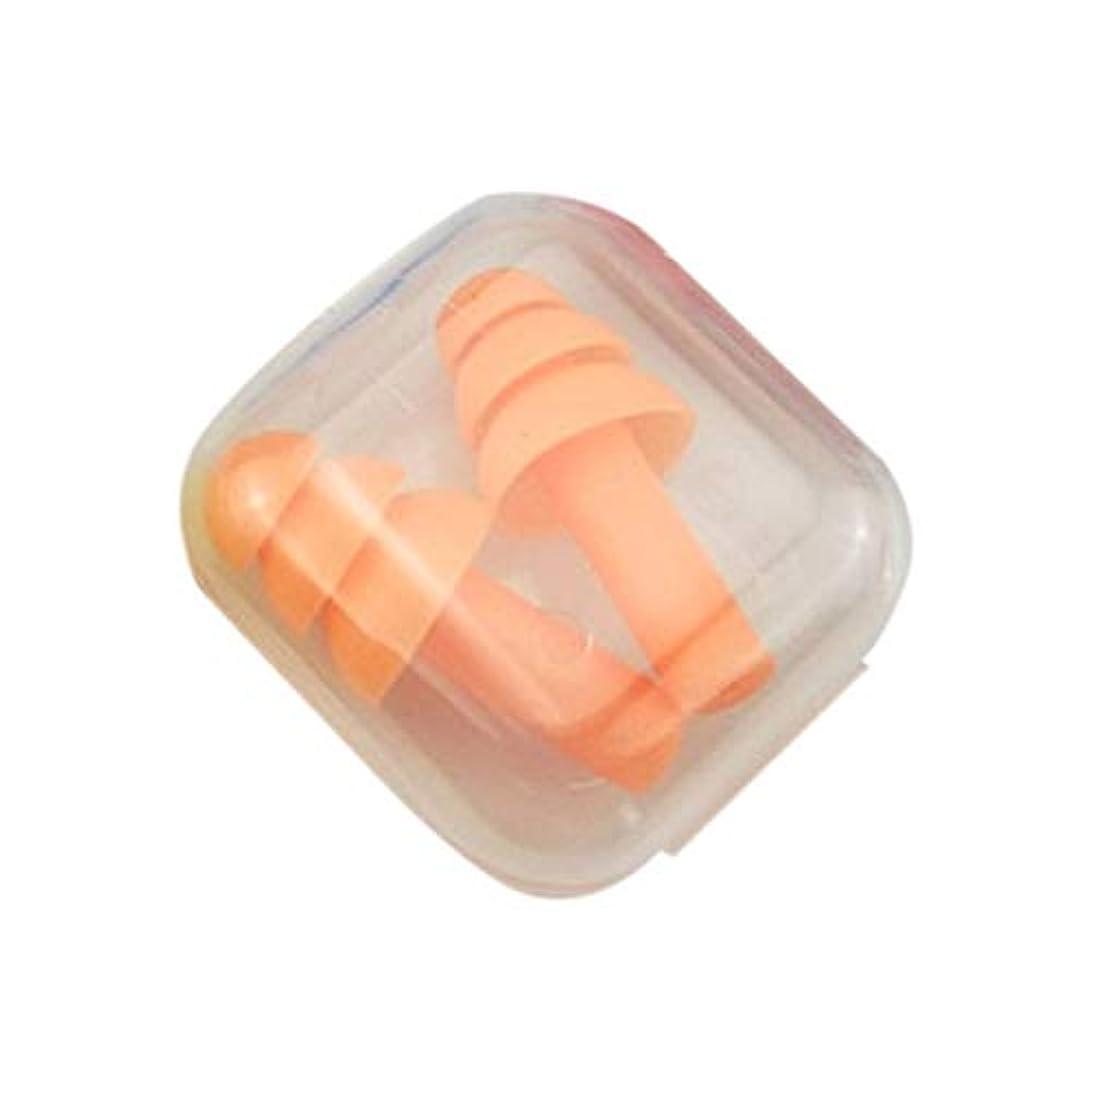 バーガーアクセス肩をすくめるソフトシリコン耳栓遮音防音耳栓収納ボックス付き